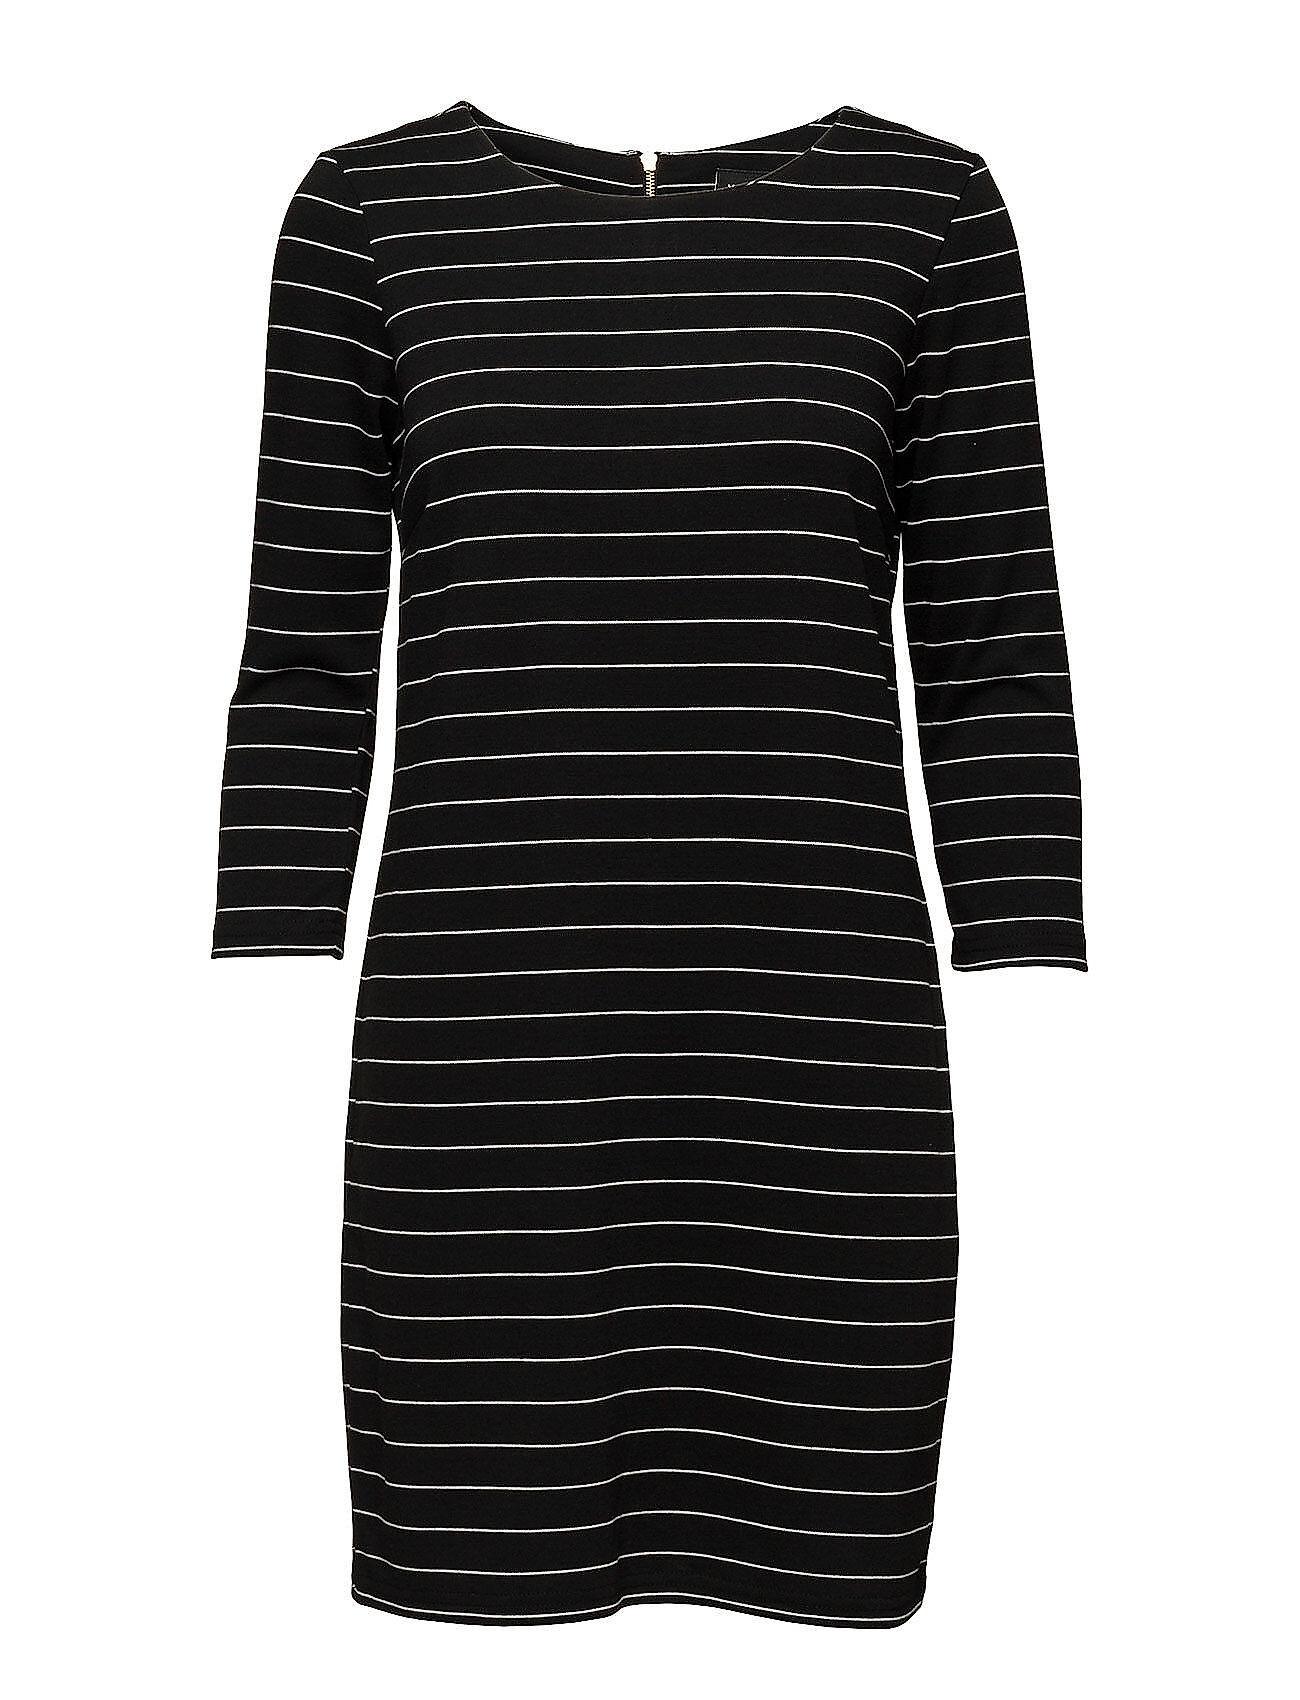 Image of VILA Vitinny New Dress-Noos Lyhyt Mekko Musta VILA